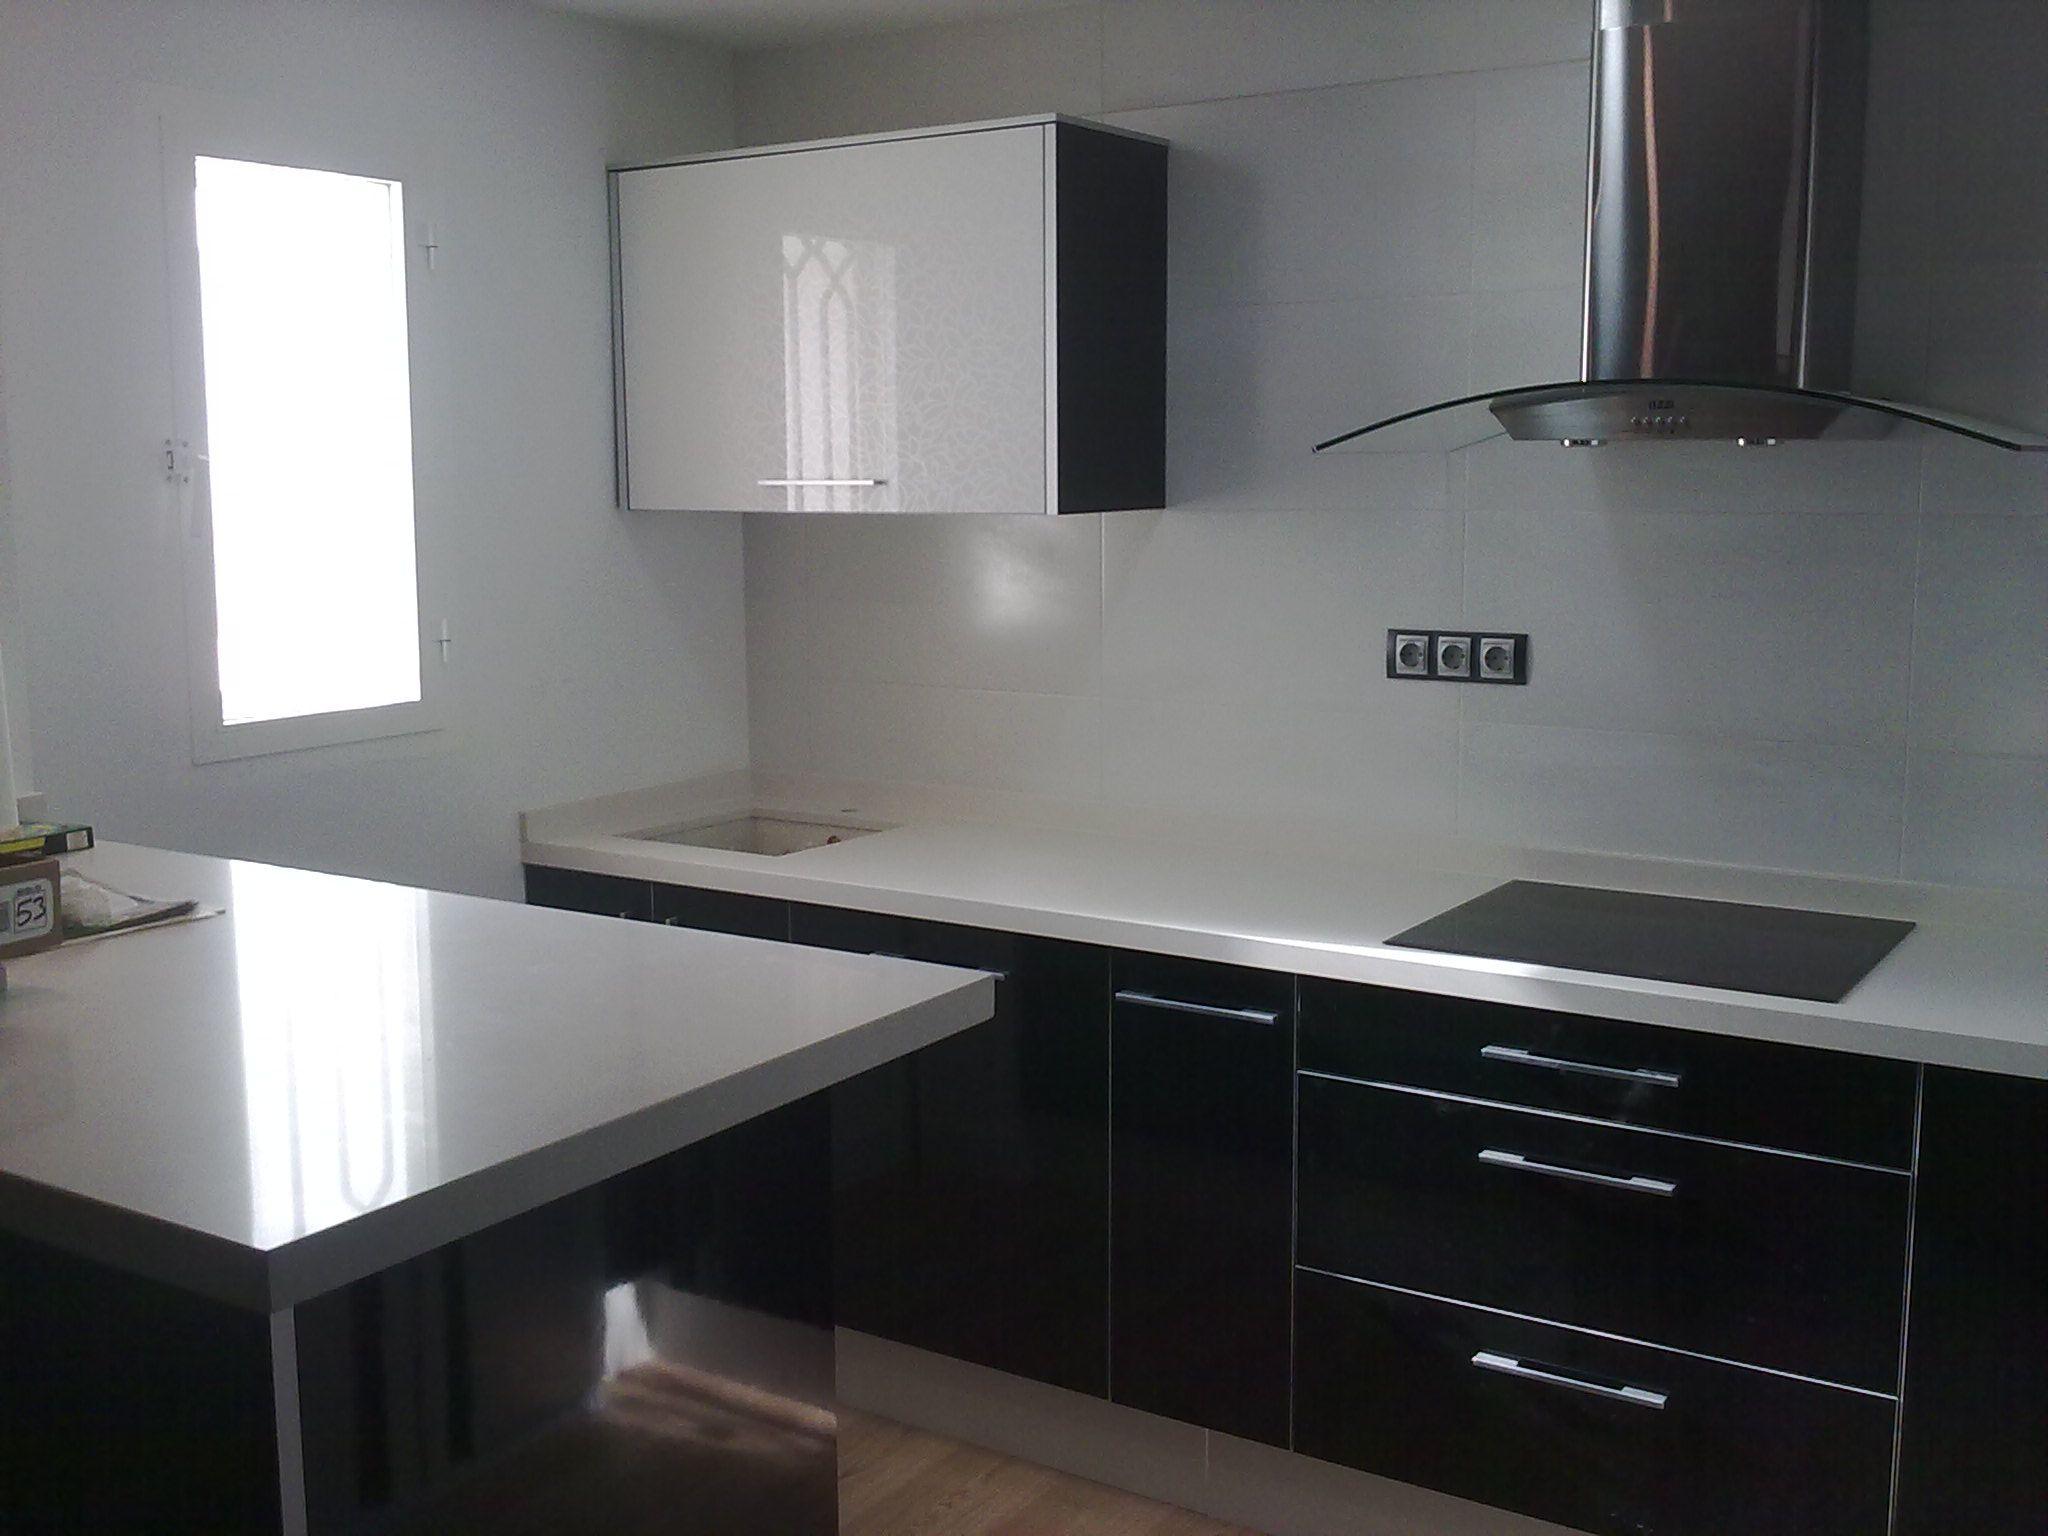 Cocina negra y blanca fotos de cocinas pinterest for Cocina blanca y negra